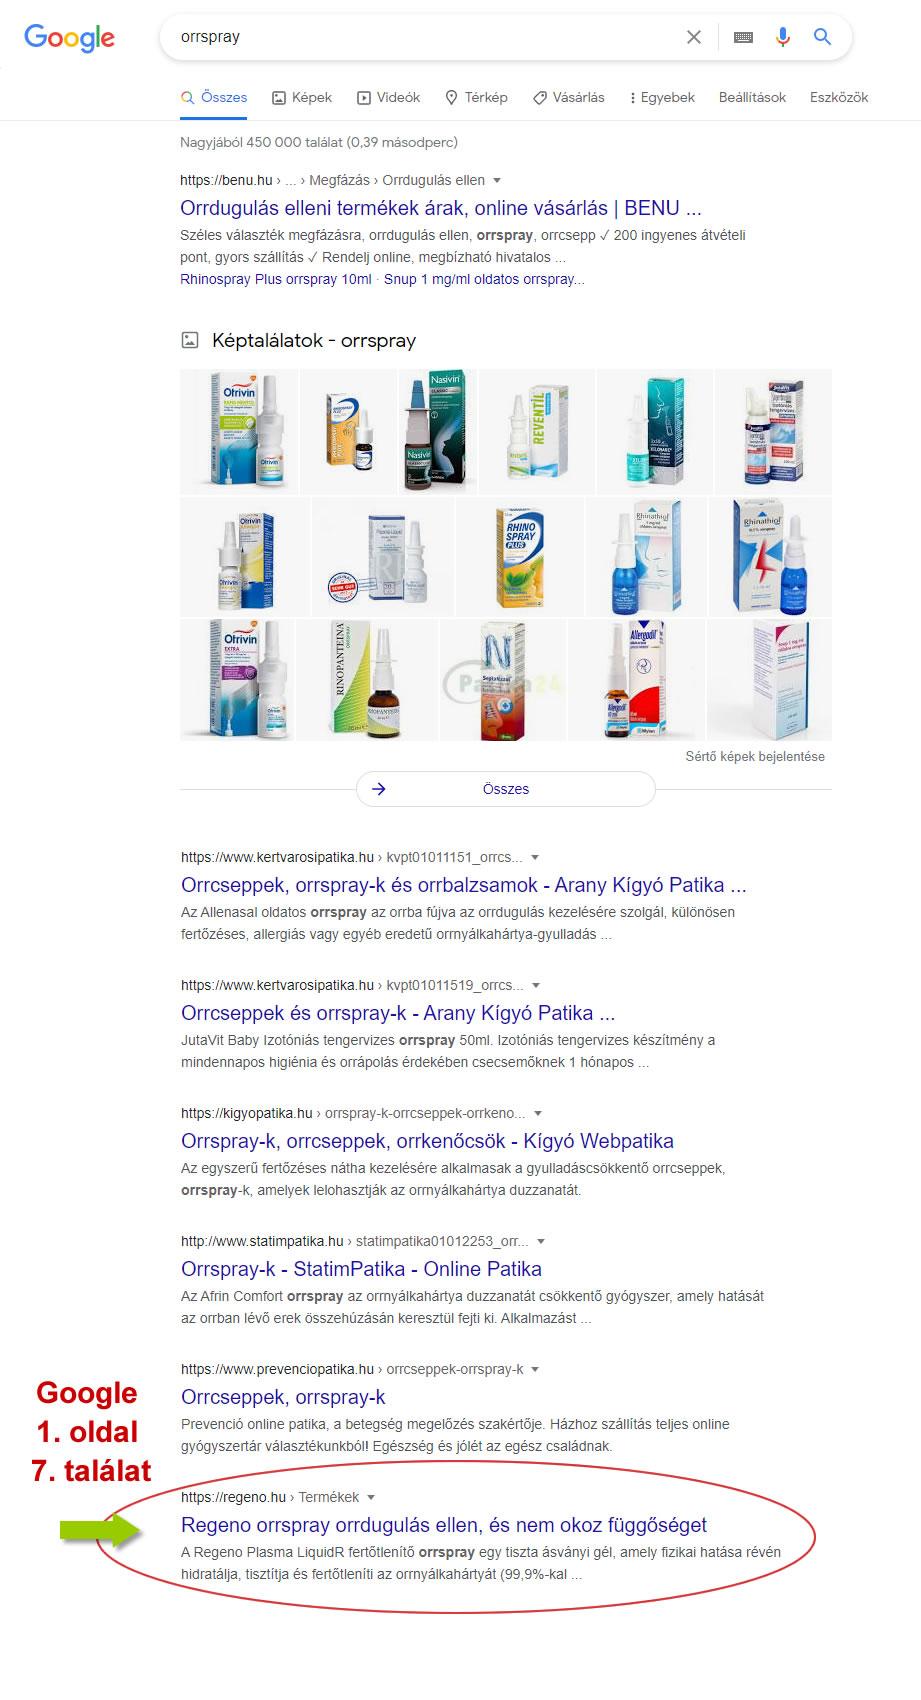 keresőoptimalizálás orrspray keresésre a Google első oldalán a hetedik találat a forgalmazott orrspray, és a Google képes találatok között is megjelenik